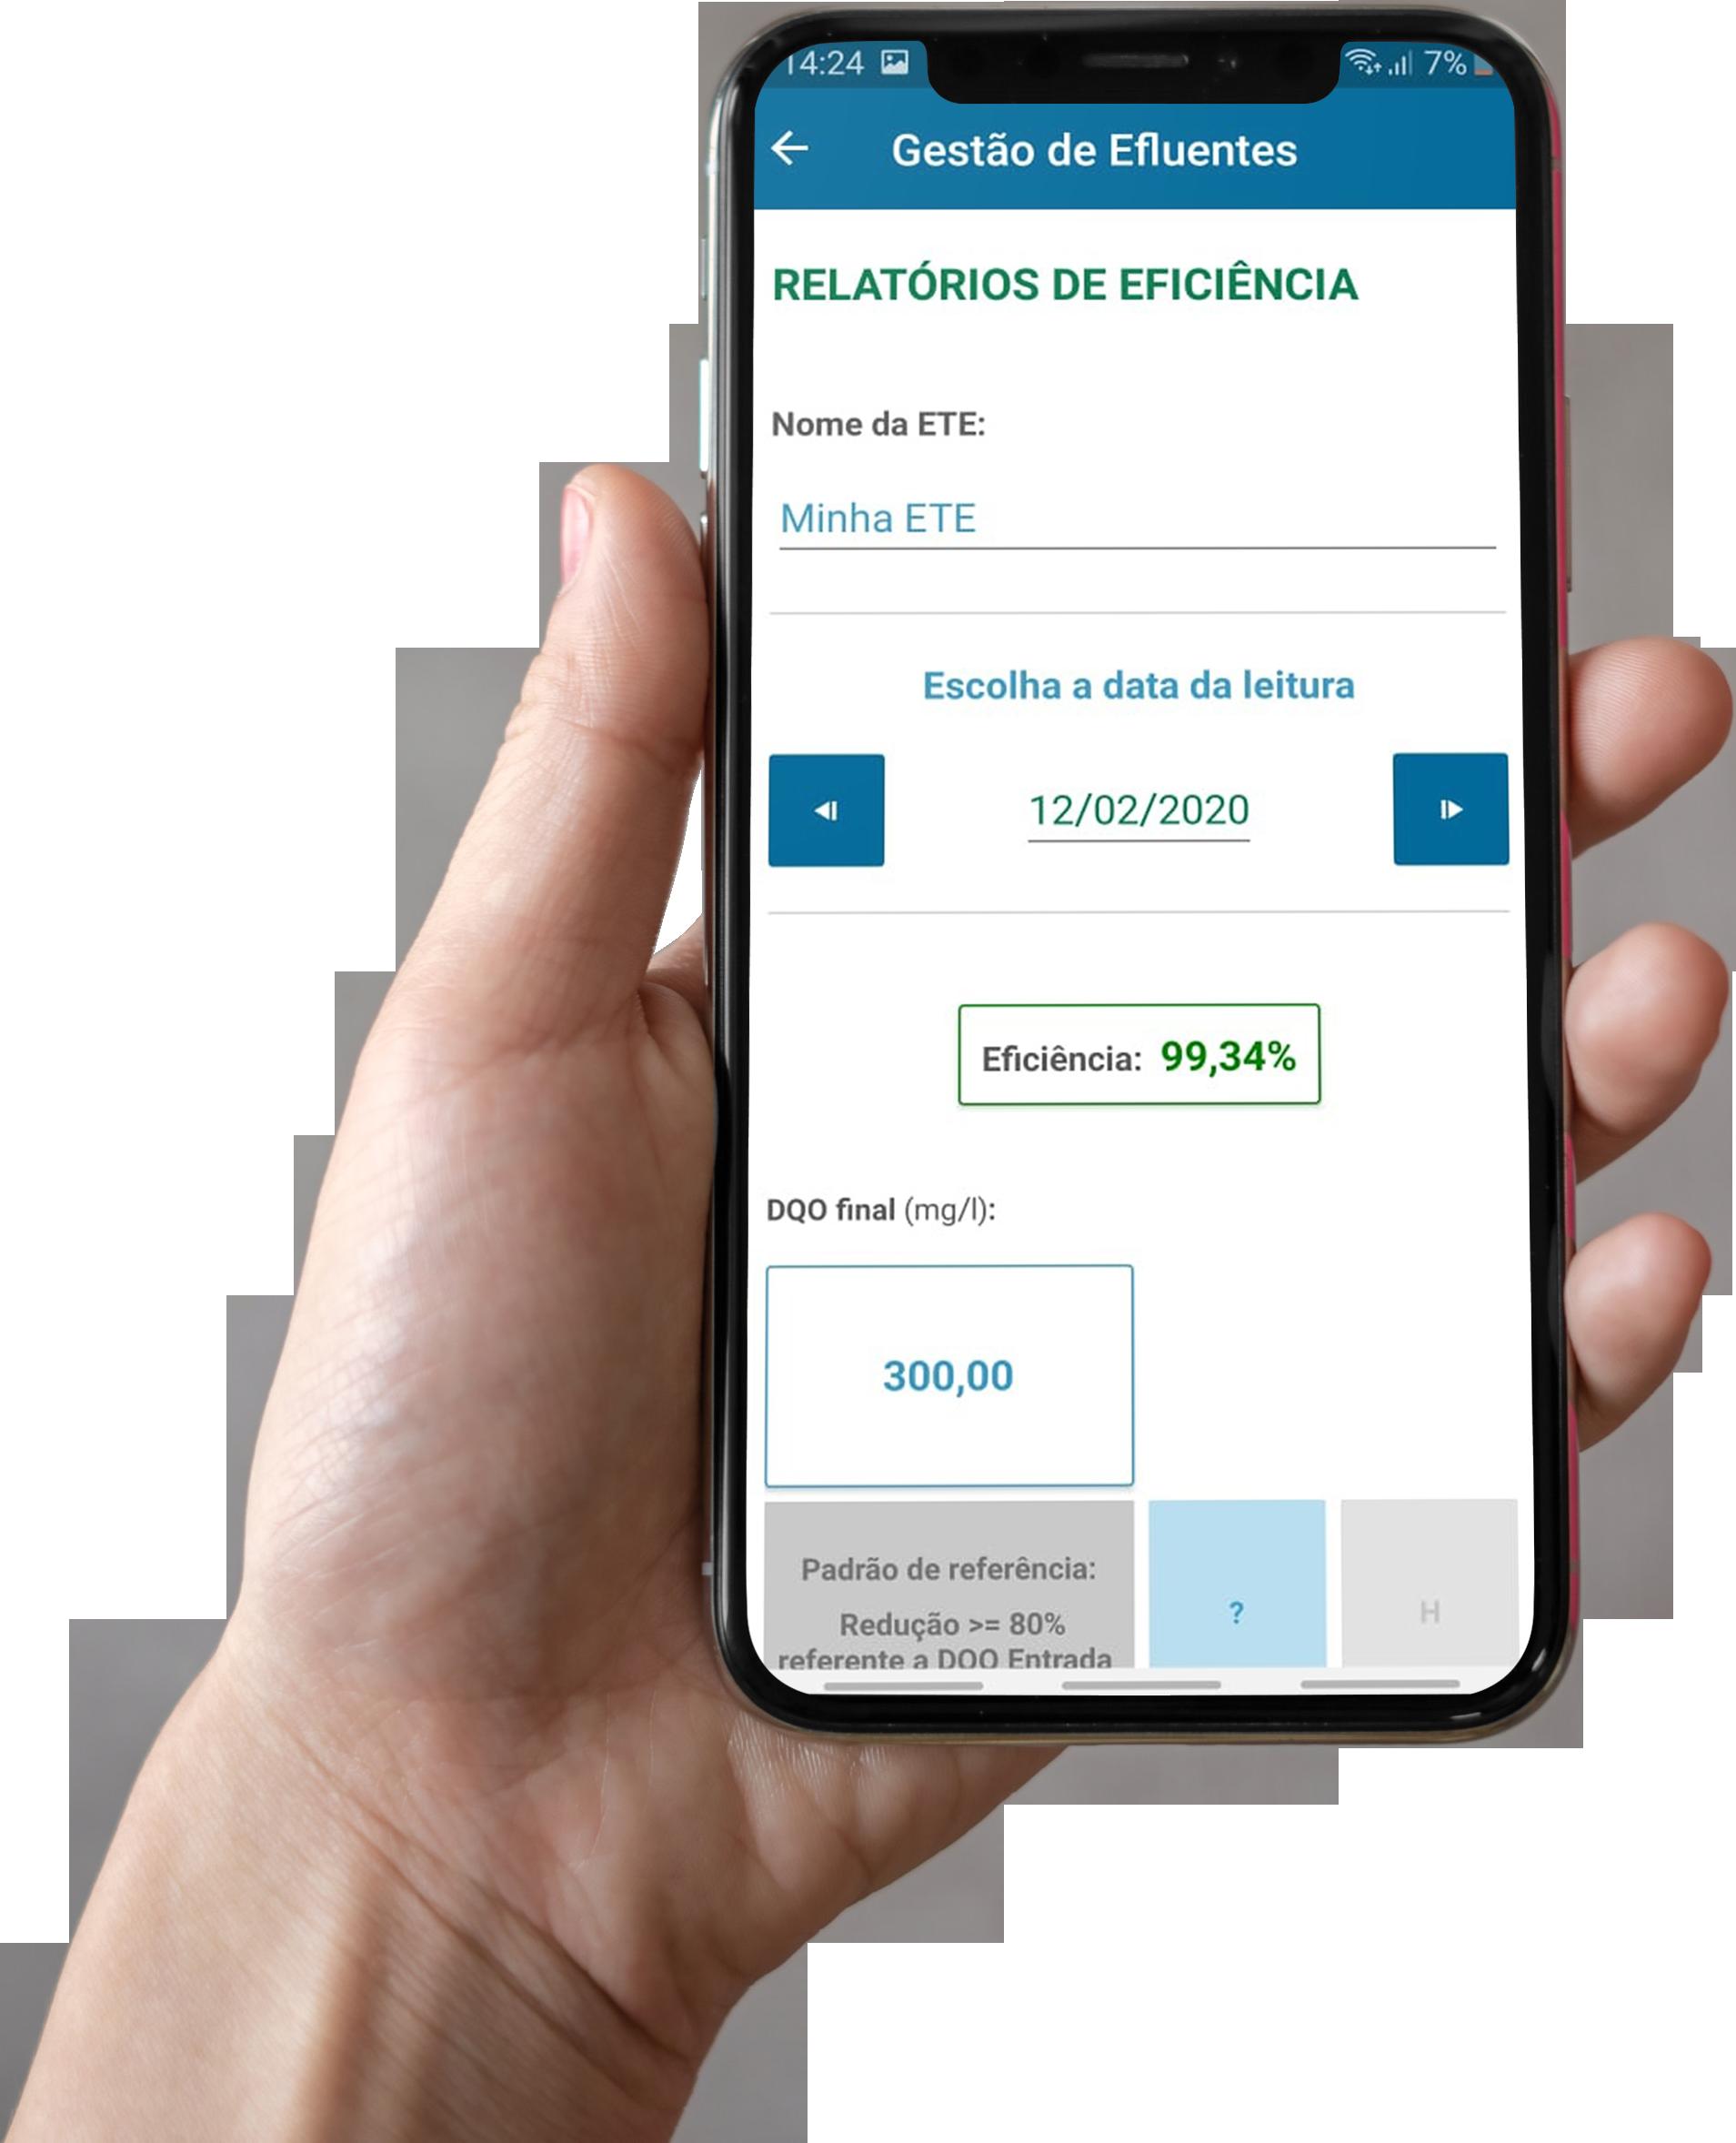 Aplicativo Gestao de Ete - Pacha Ambiental - Aplicado no celular (4)